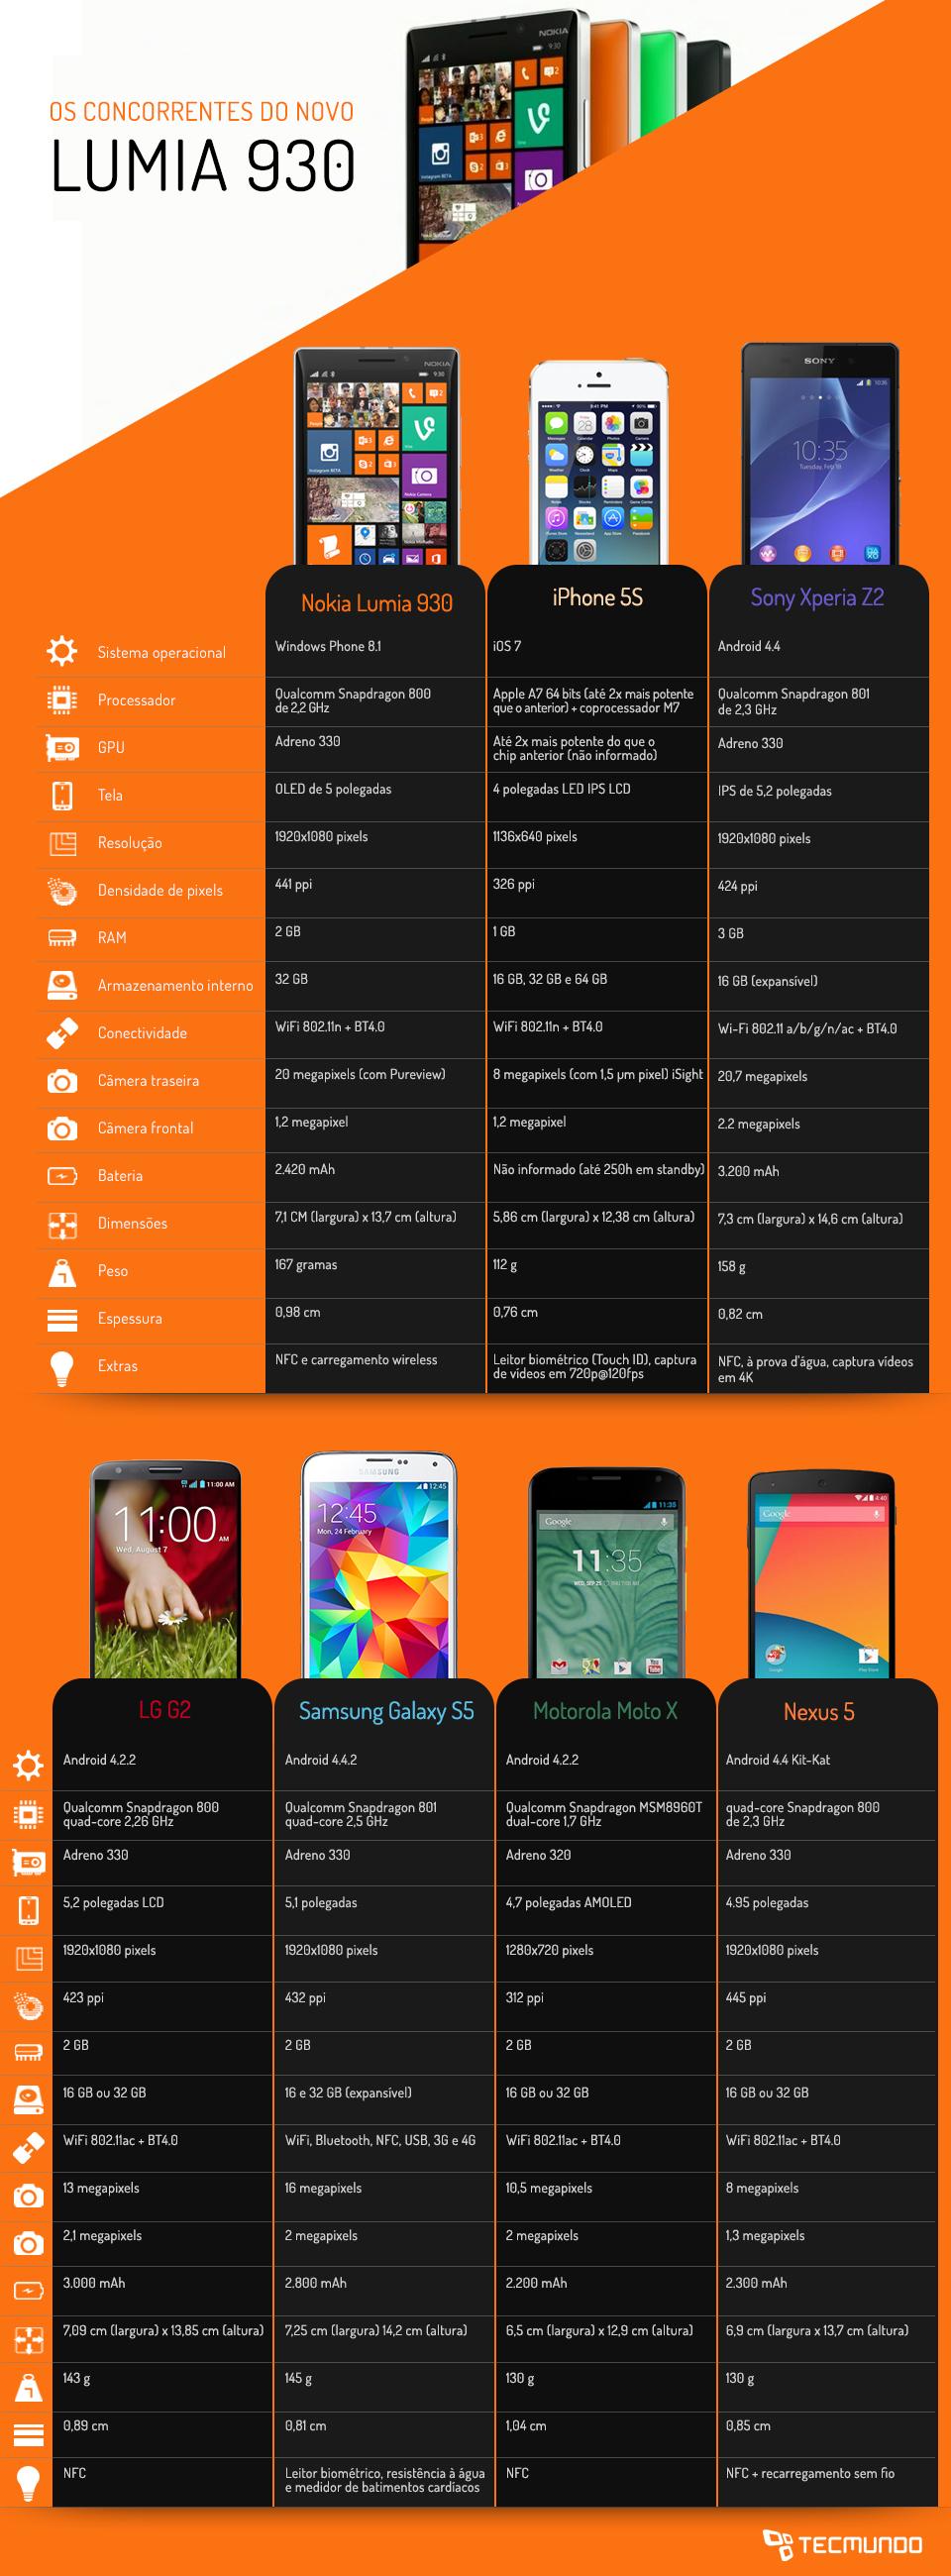 Comparação: Nokia Lumia 930 contra os principais smartphones do mercado